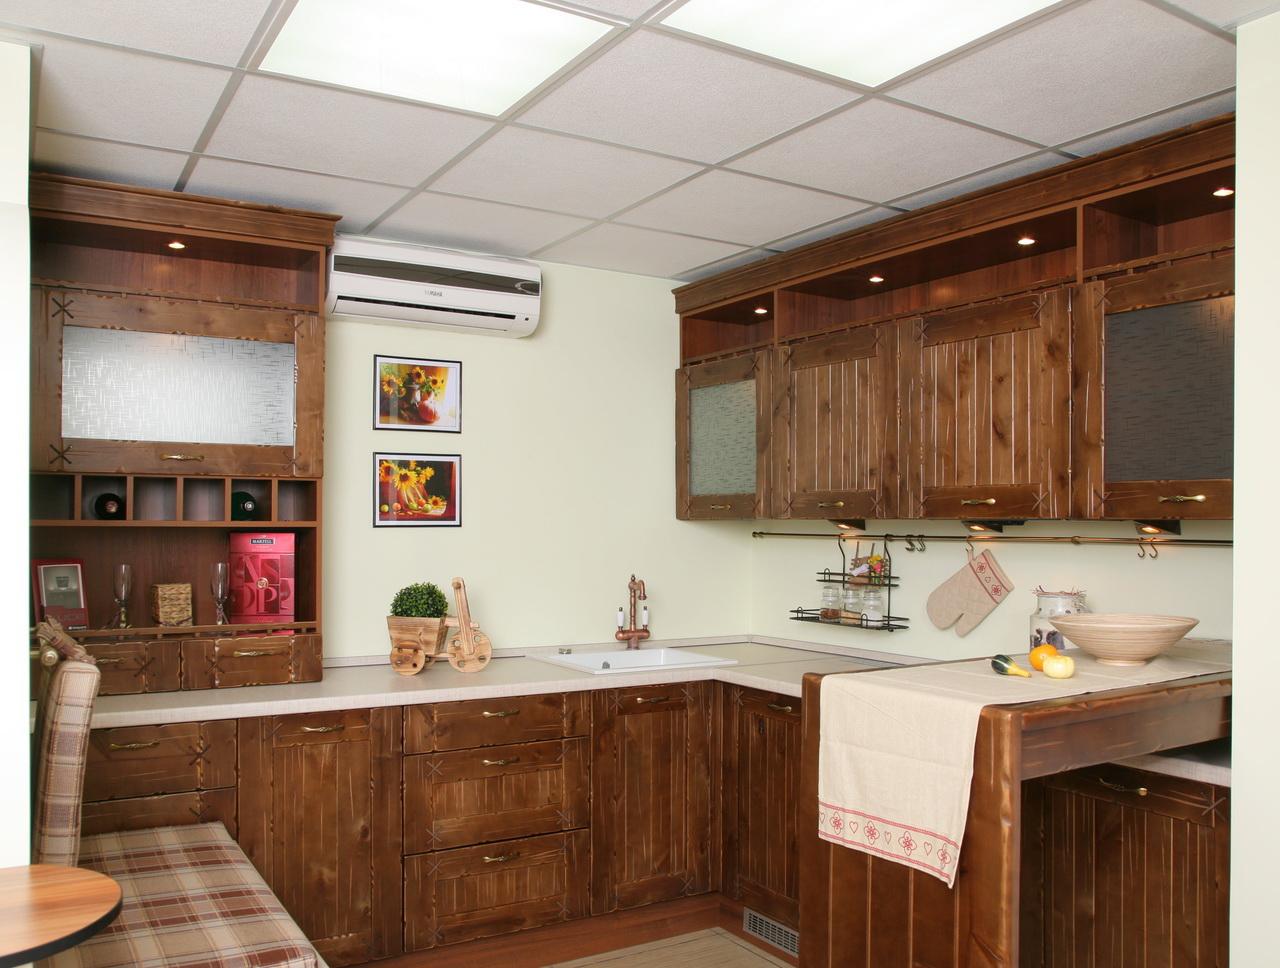 Кремово-коричневая кухня в стиле кантри с полуостровом